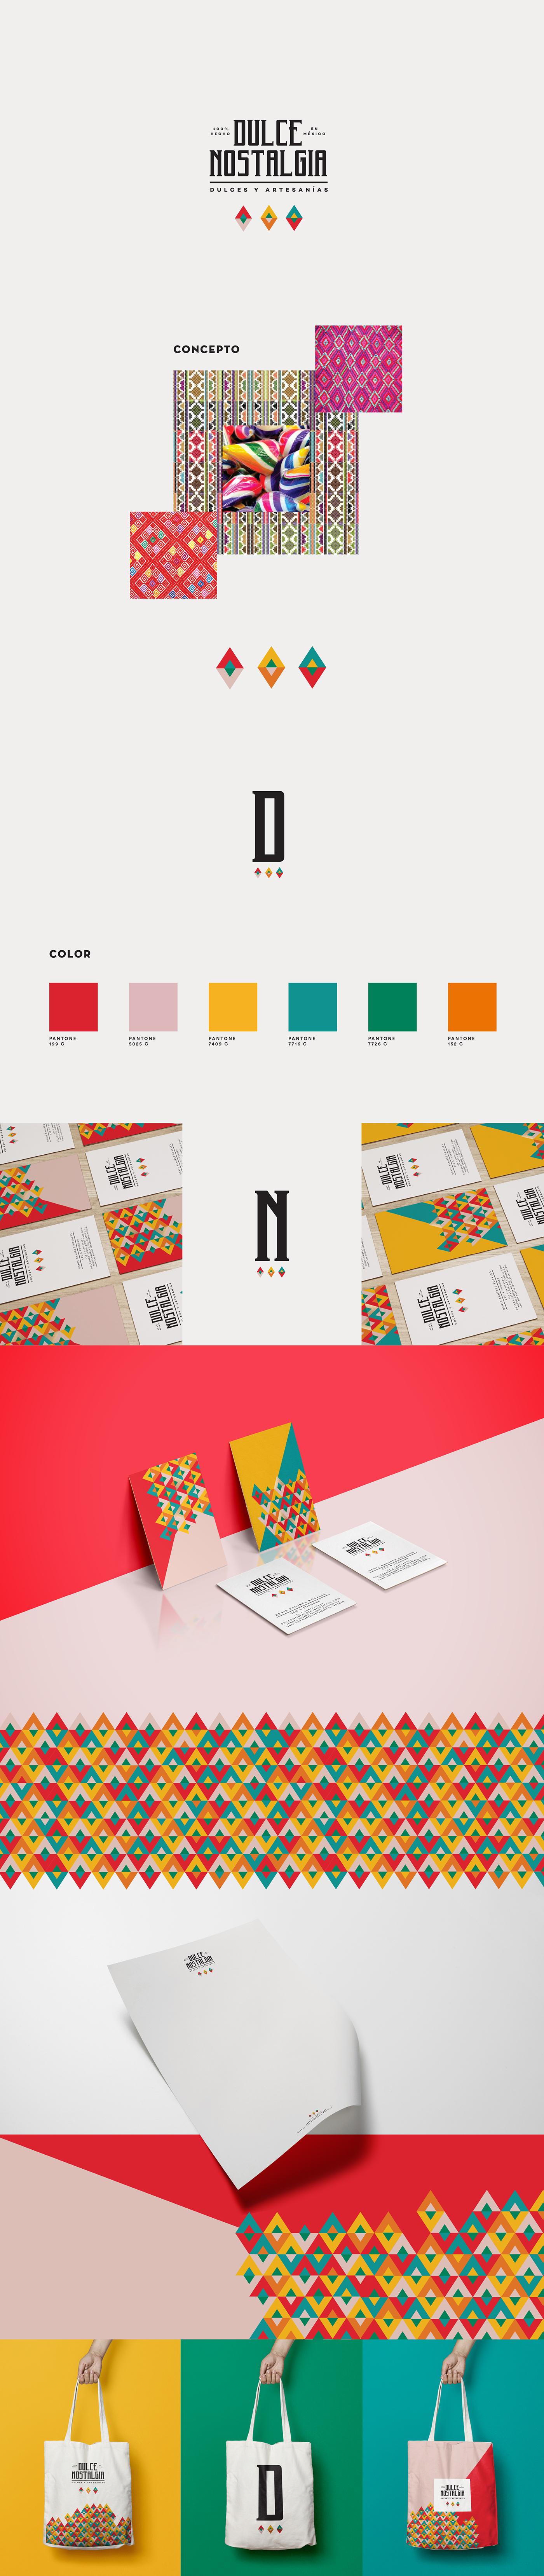 有創意感的19款糖果包裝設計欣賞